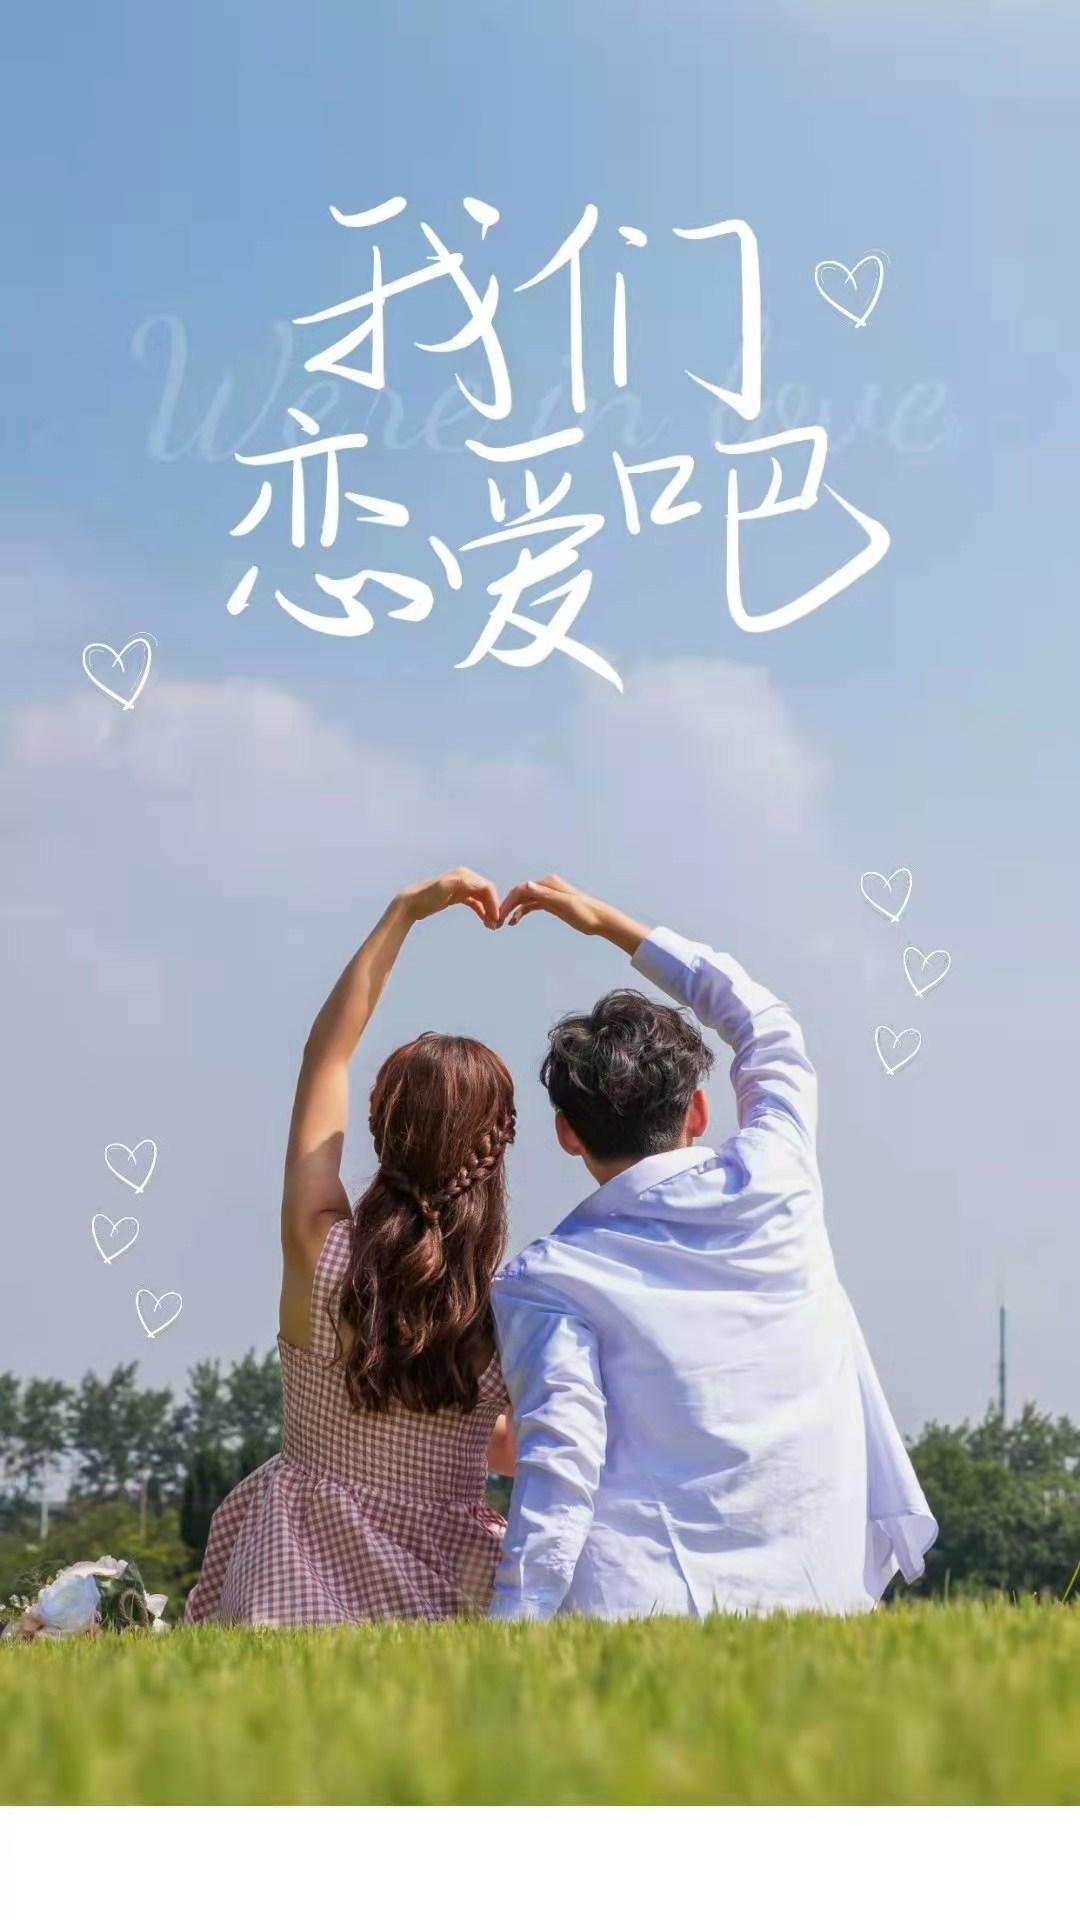 上海金婿缘婚姻推出靓彩魅力7日相亲之旅